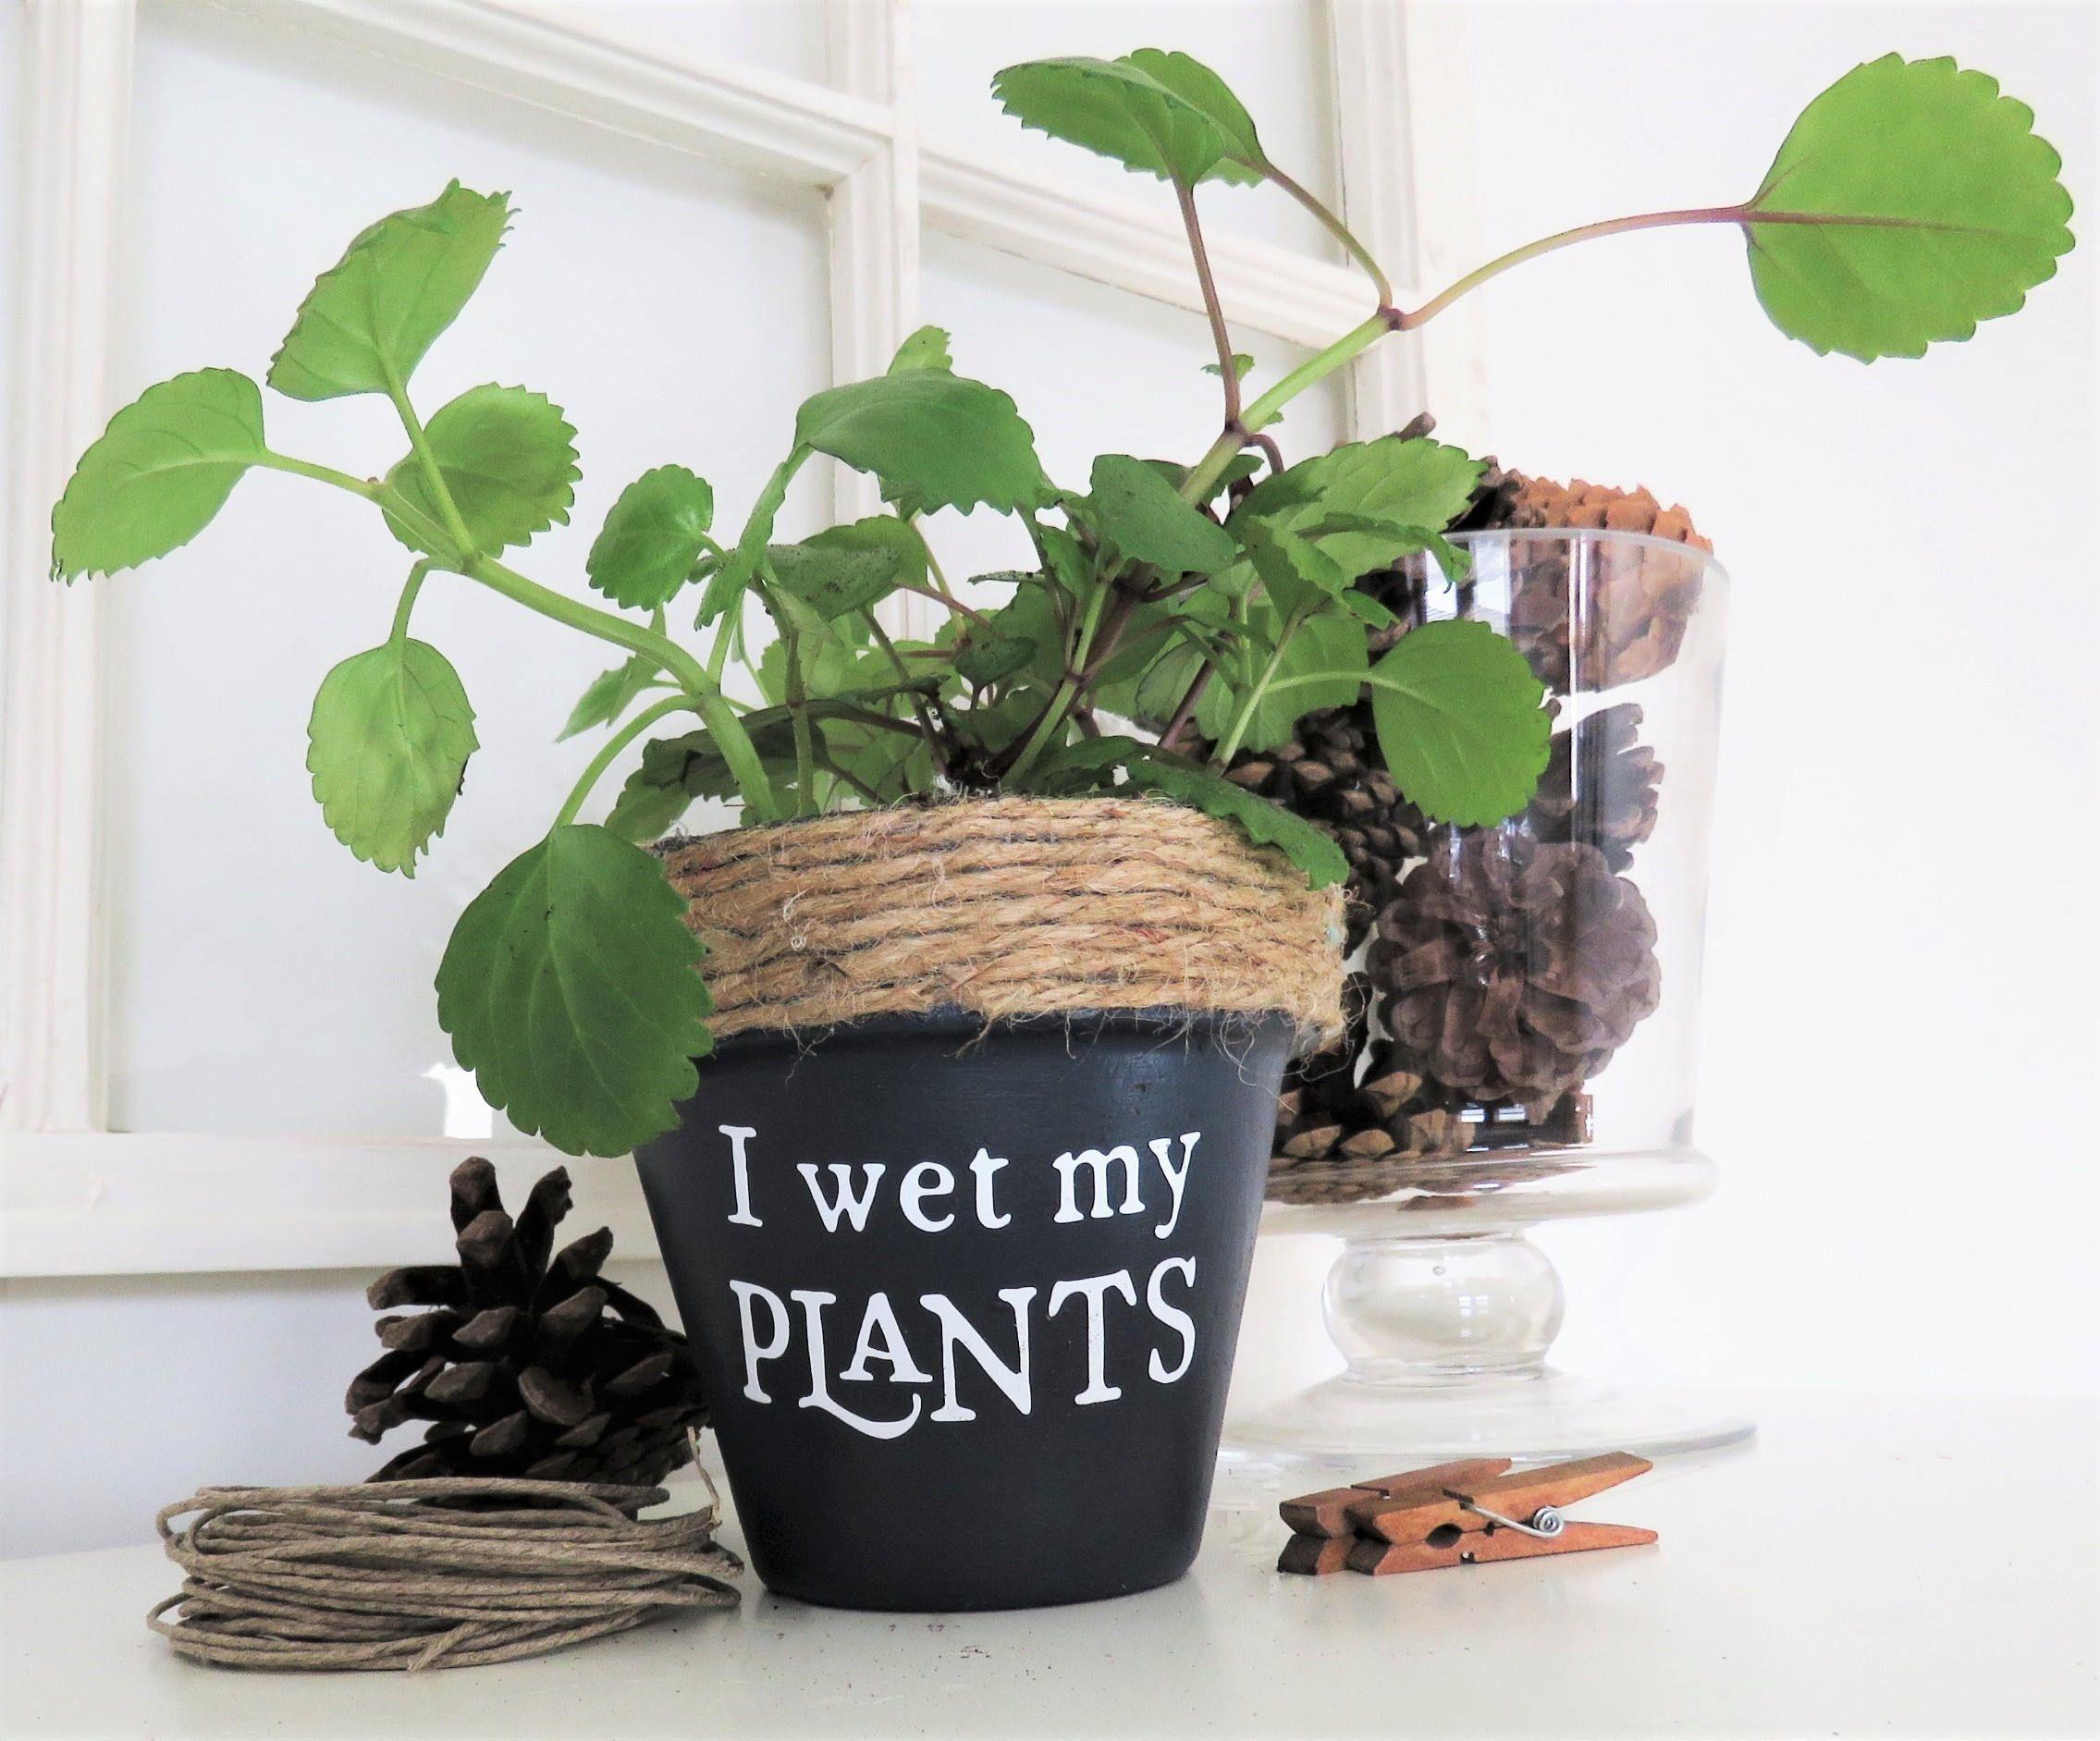 Funny Plant Pot I Wet My Plants Funny Plant Pun Potter Succulent Planter Indoor Planter Cactus Pot Plant Pun Funny Plant Puns Plants Painted Flower Pots